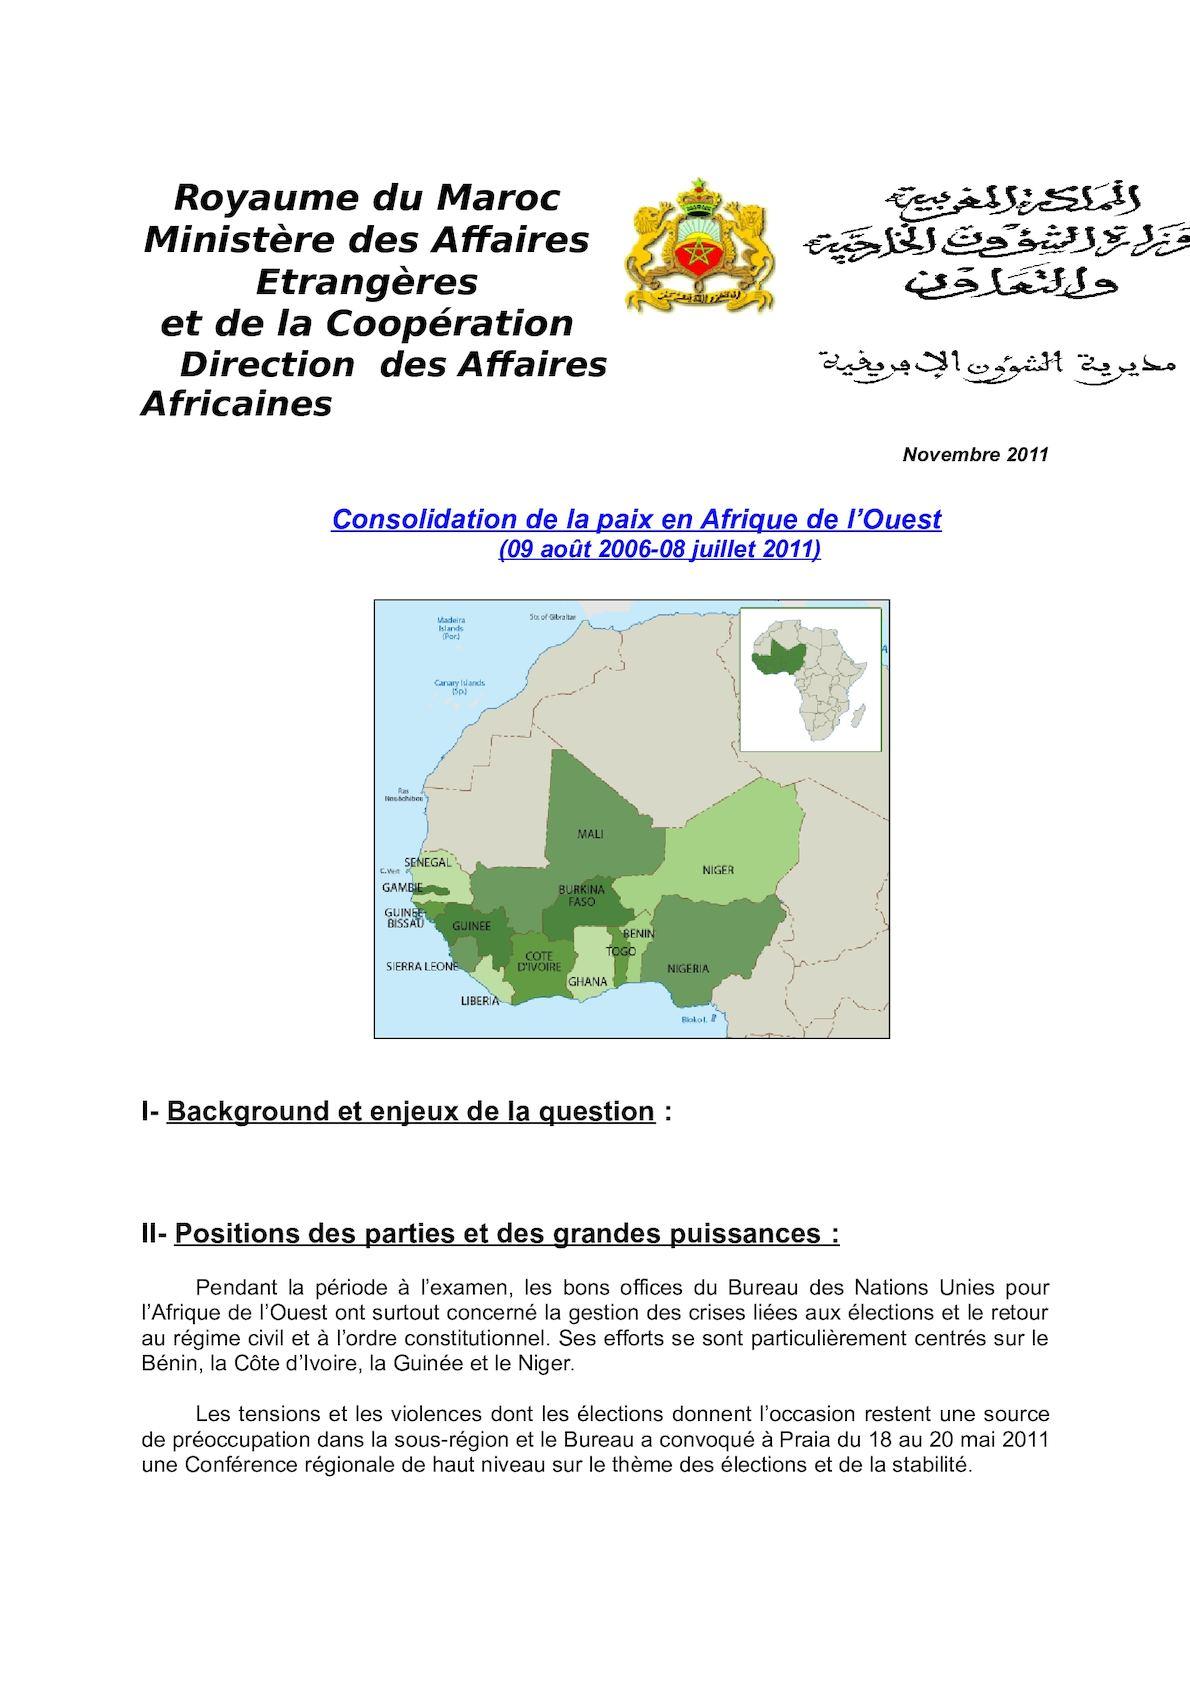 Consolidation De La Paix Afrique De L'Ouest